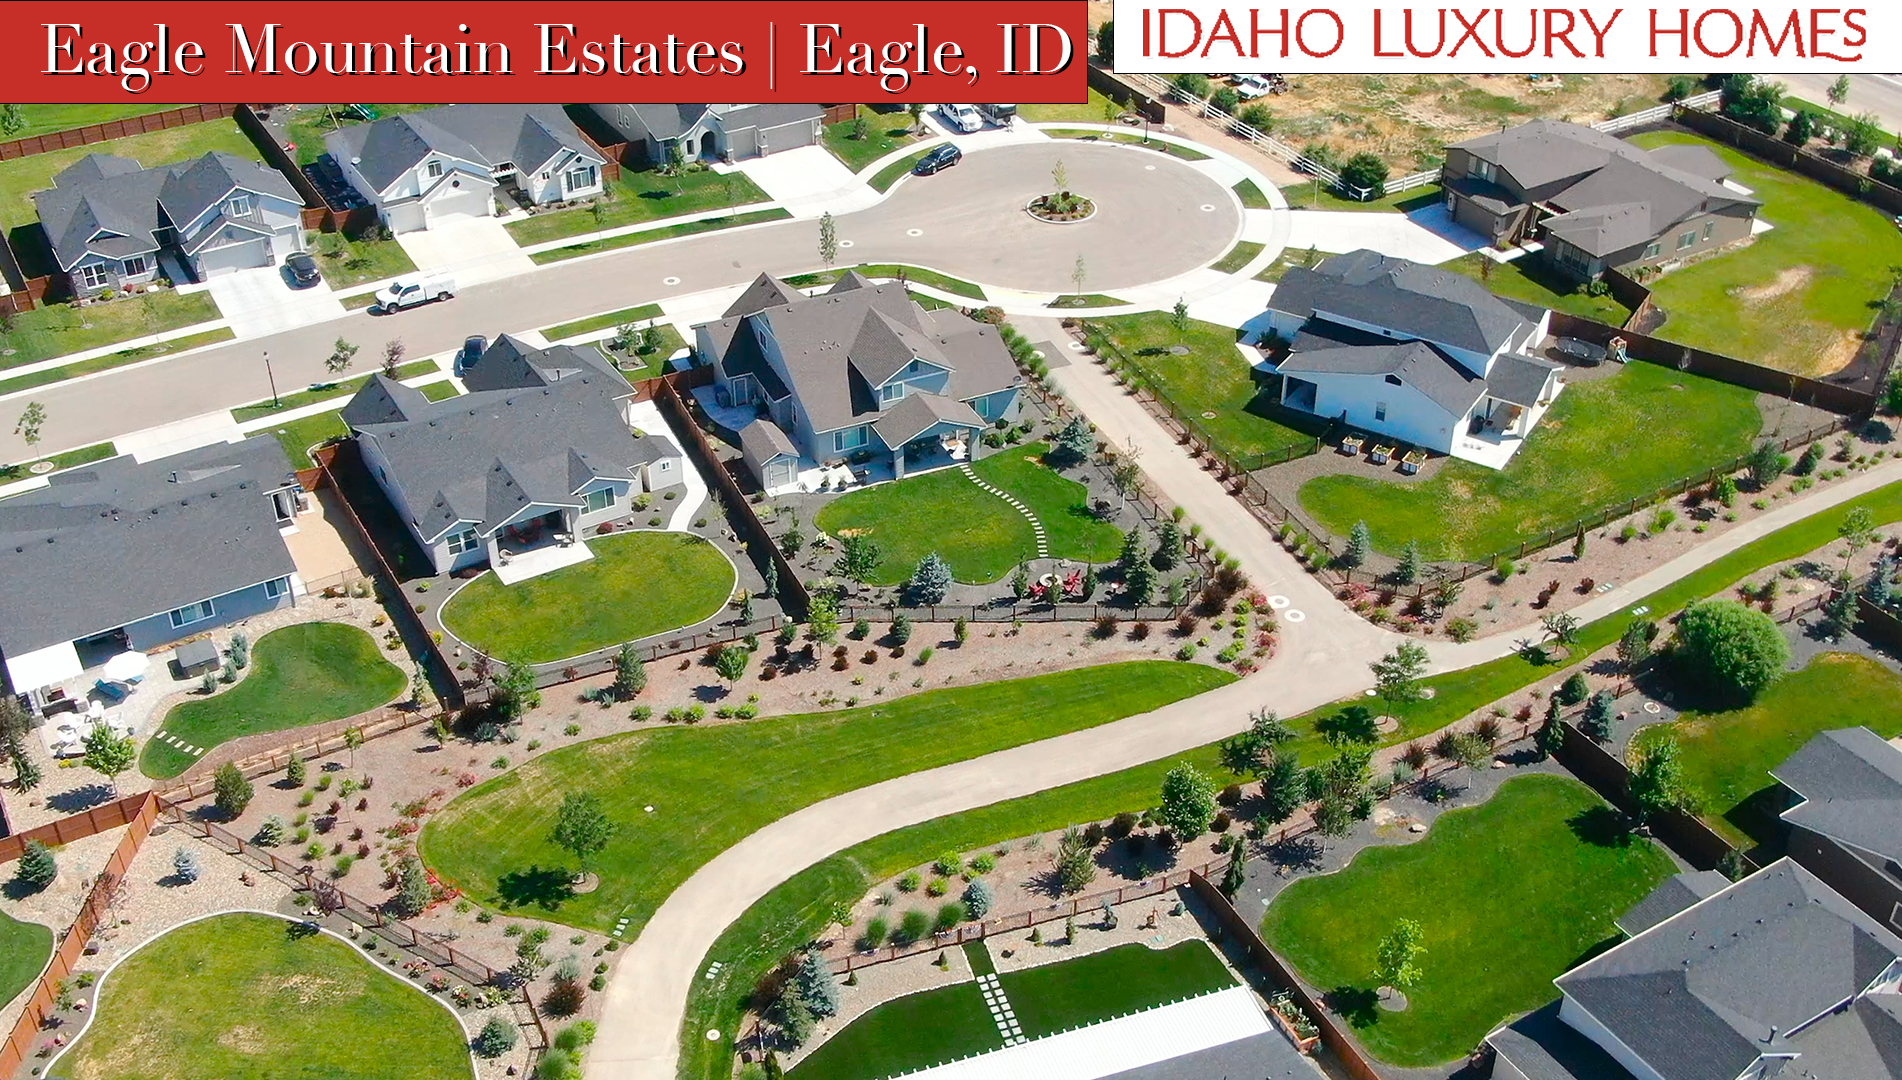 Eagle Mountain Estates Real Estate